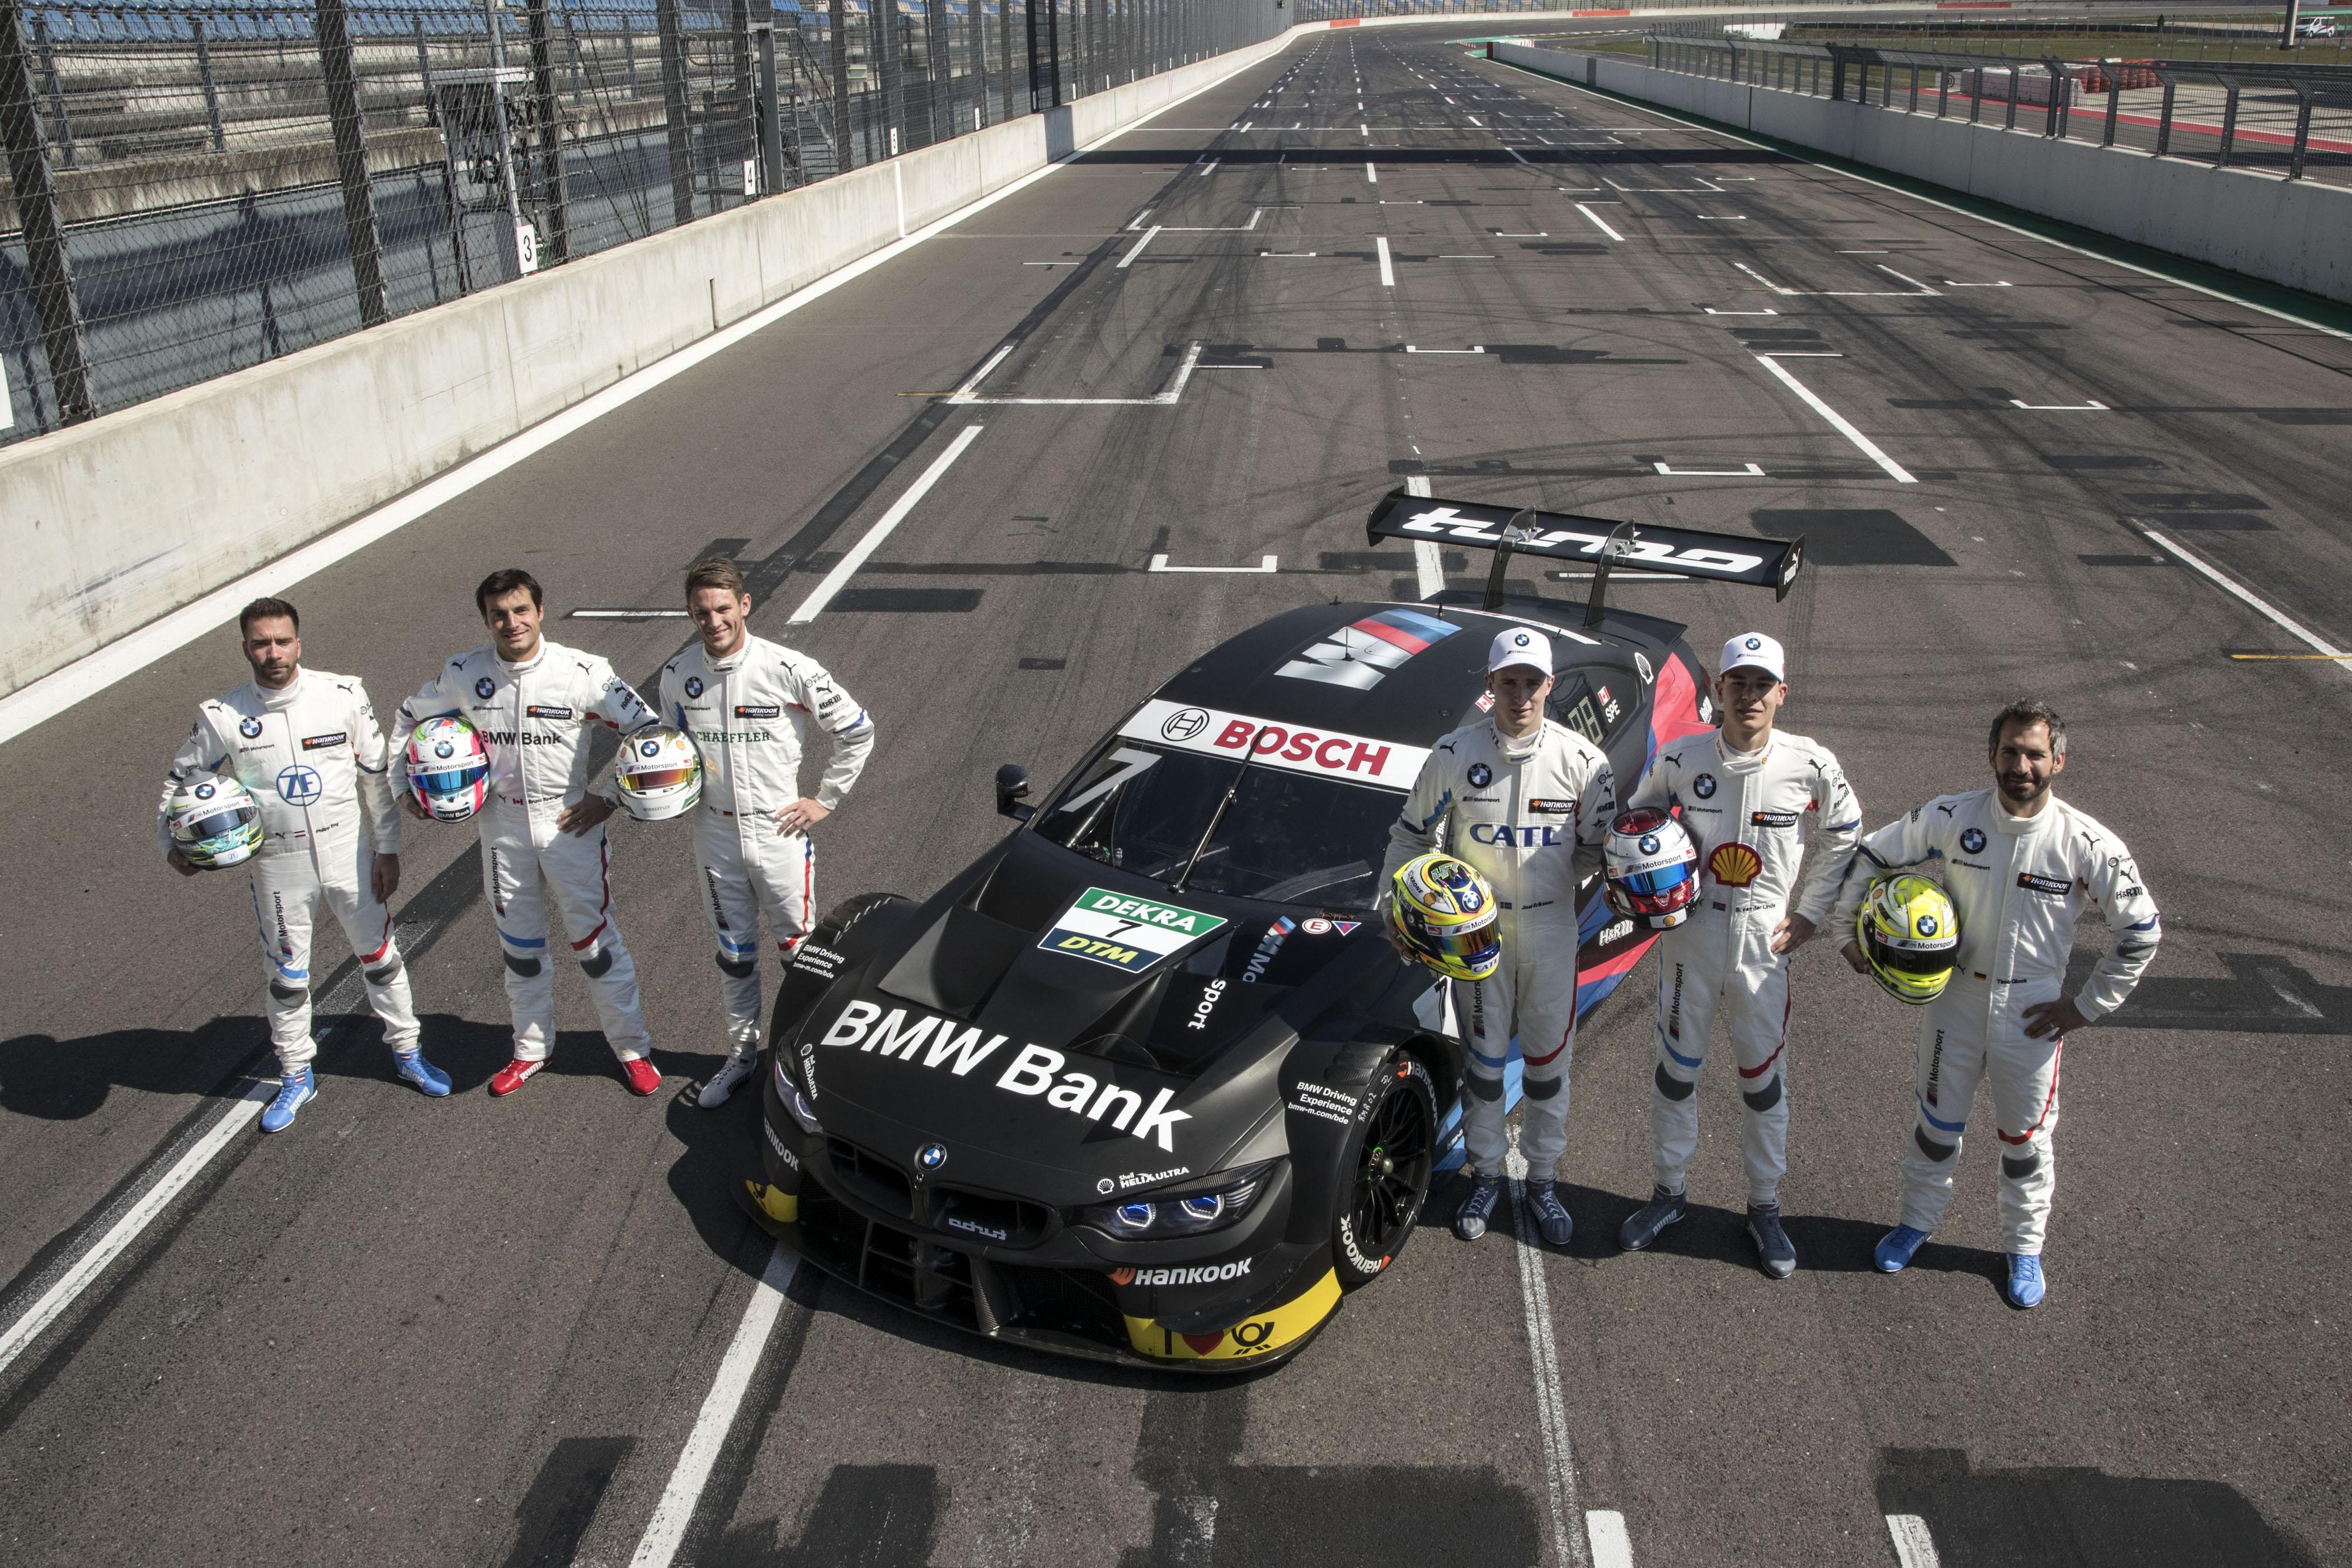 BMW<br />• BMW Motorsport Team RBM: Philipp Eng (#25, osztrák), Sheldon van der Linde (#31, dél-afrikai), Joel Eriksson (#47, svéd)<br />• BMW Motorsport Team RMG: Bruno Spengler (#7, kanadai), Marco Wittmann (#11, német), Timo Glock (#16, német)